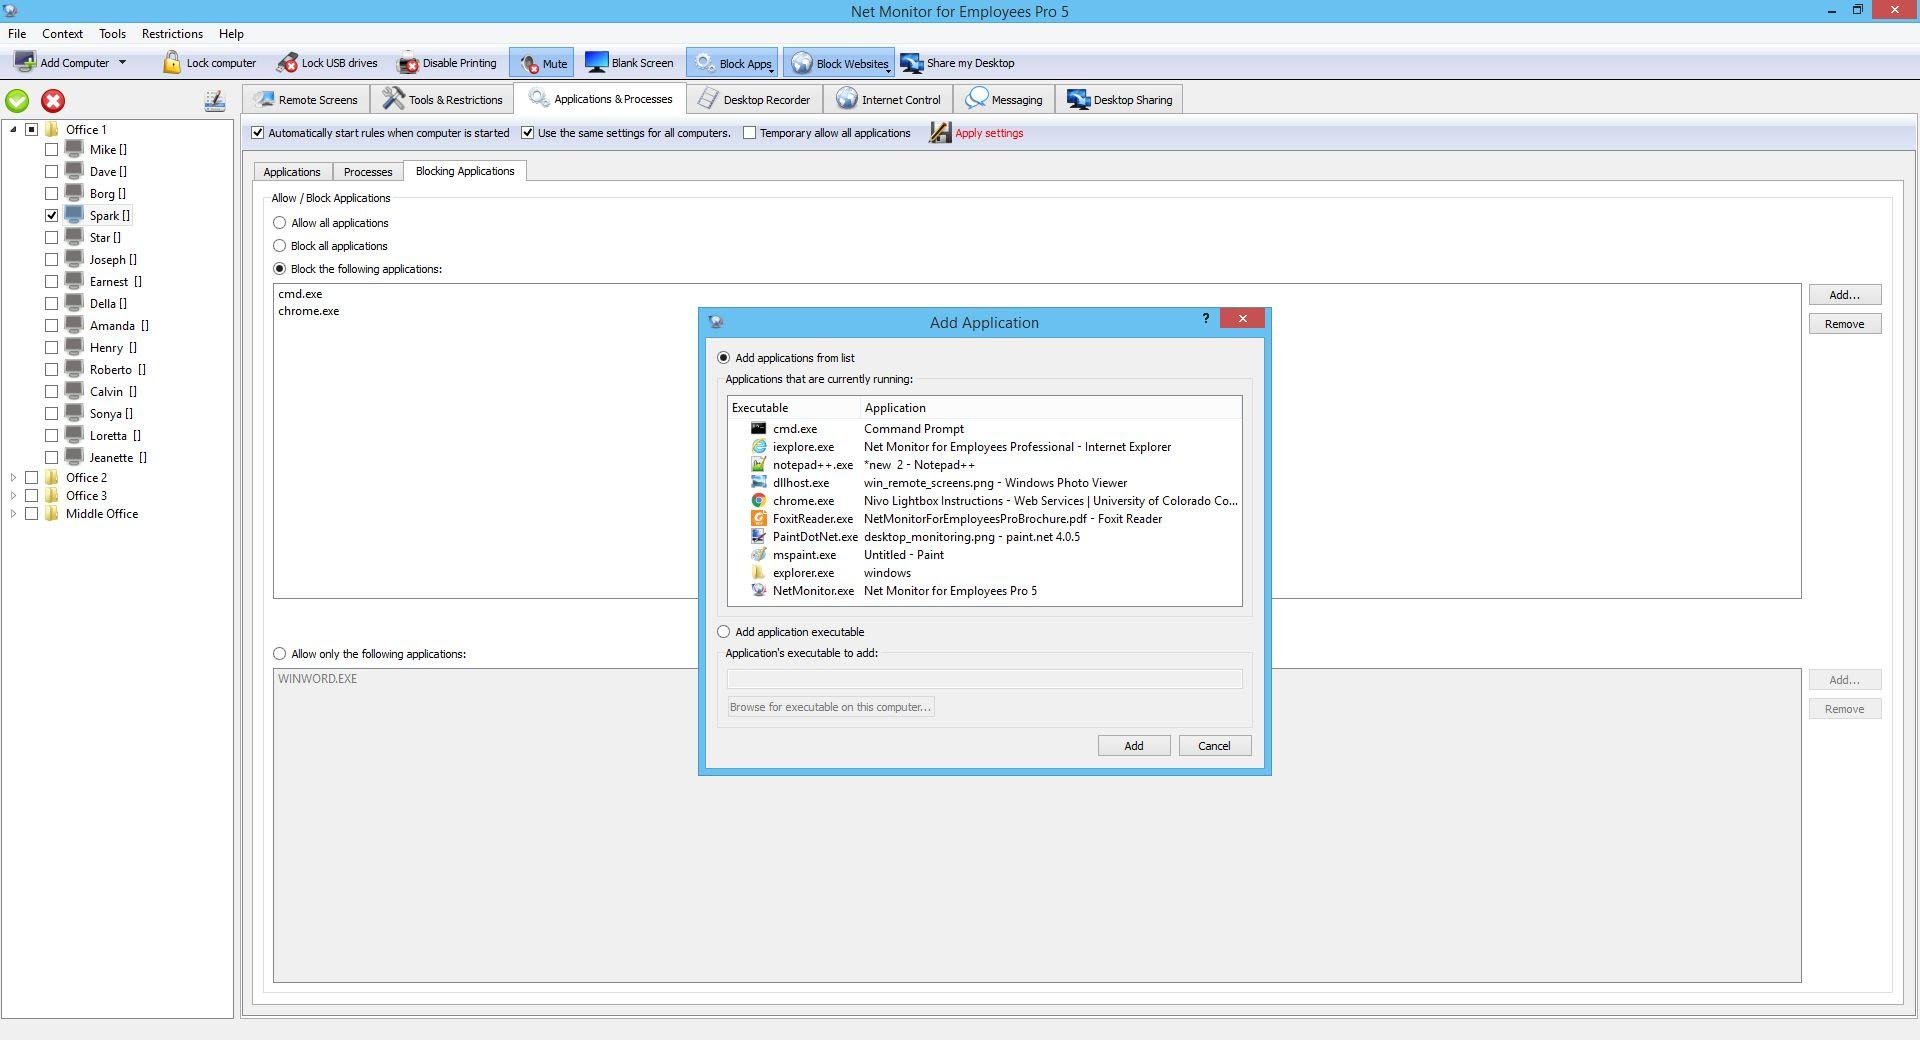 http://networklookout.com/screenshots/windows/win_blocking_applications.jpg